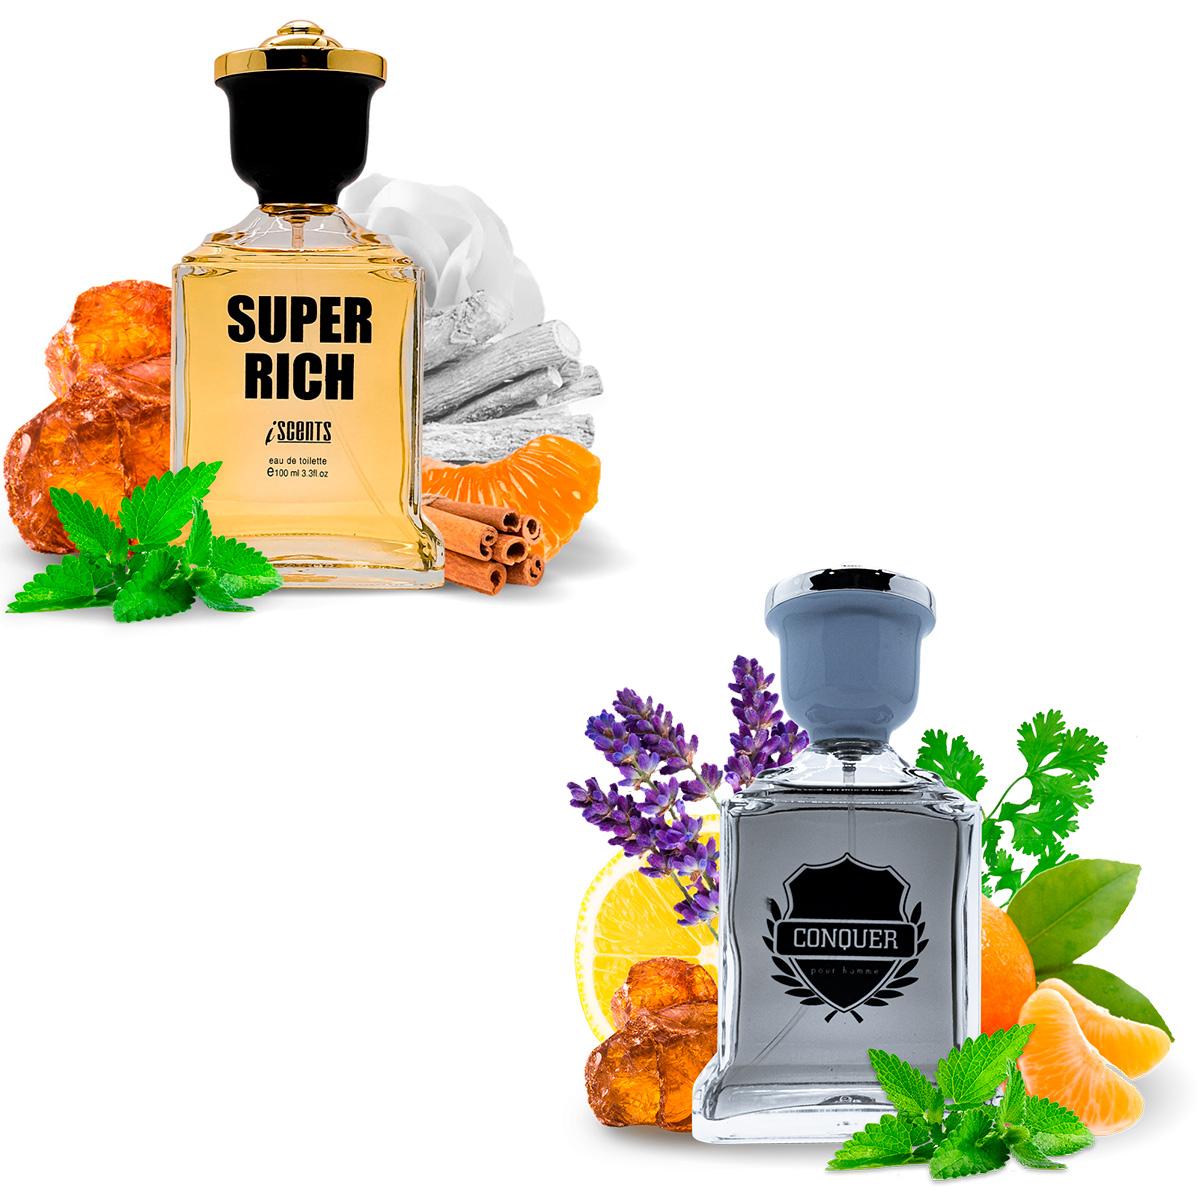 Kit 2 Perfumes Importados Super Rich e Conquer I Scents